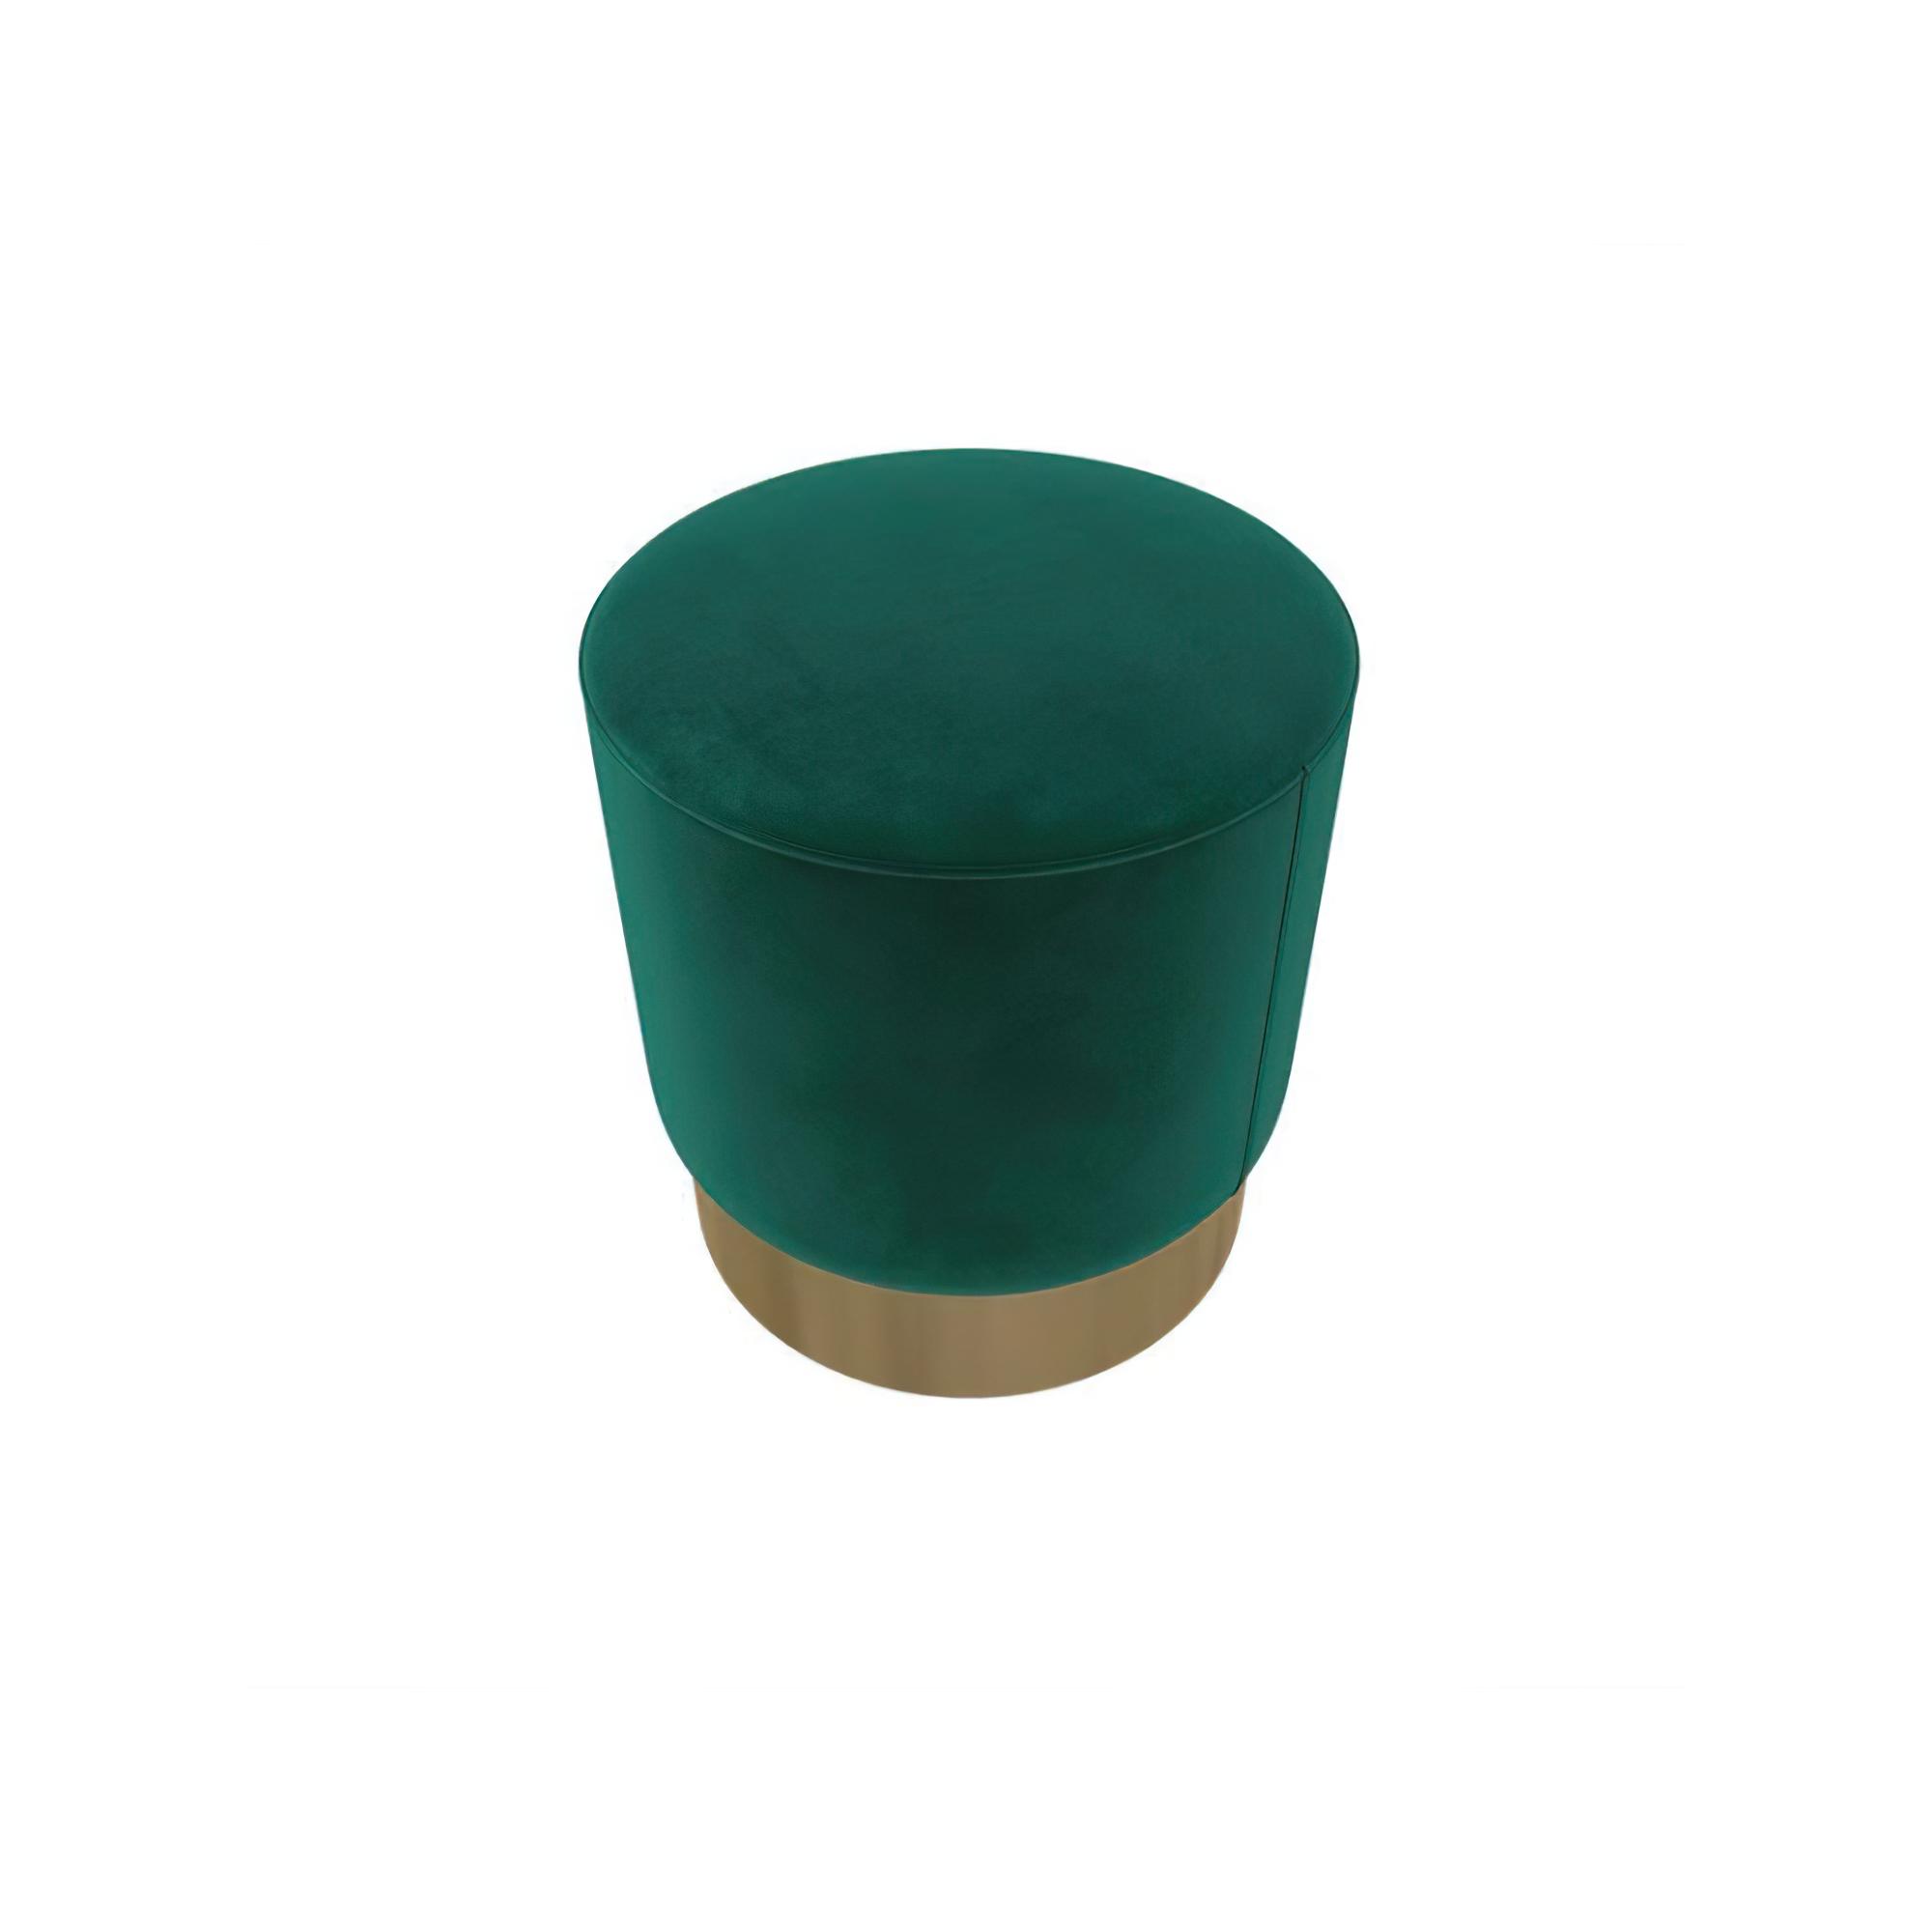 天鹅绒面料圆脚凳加金镀底 - 蓝绿色